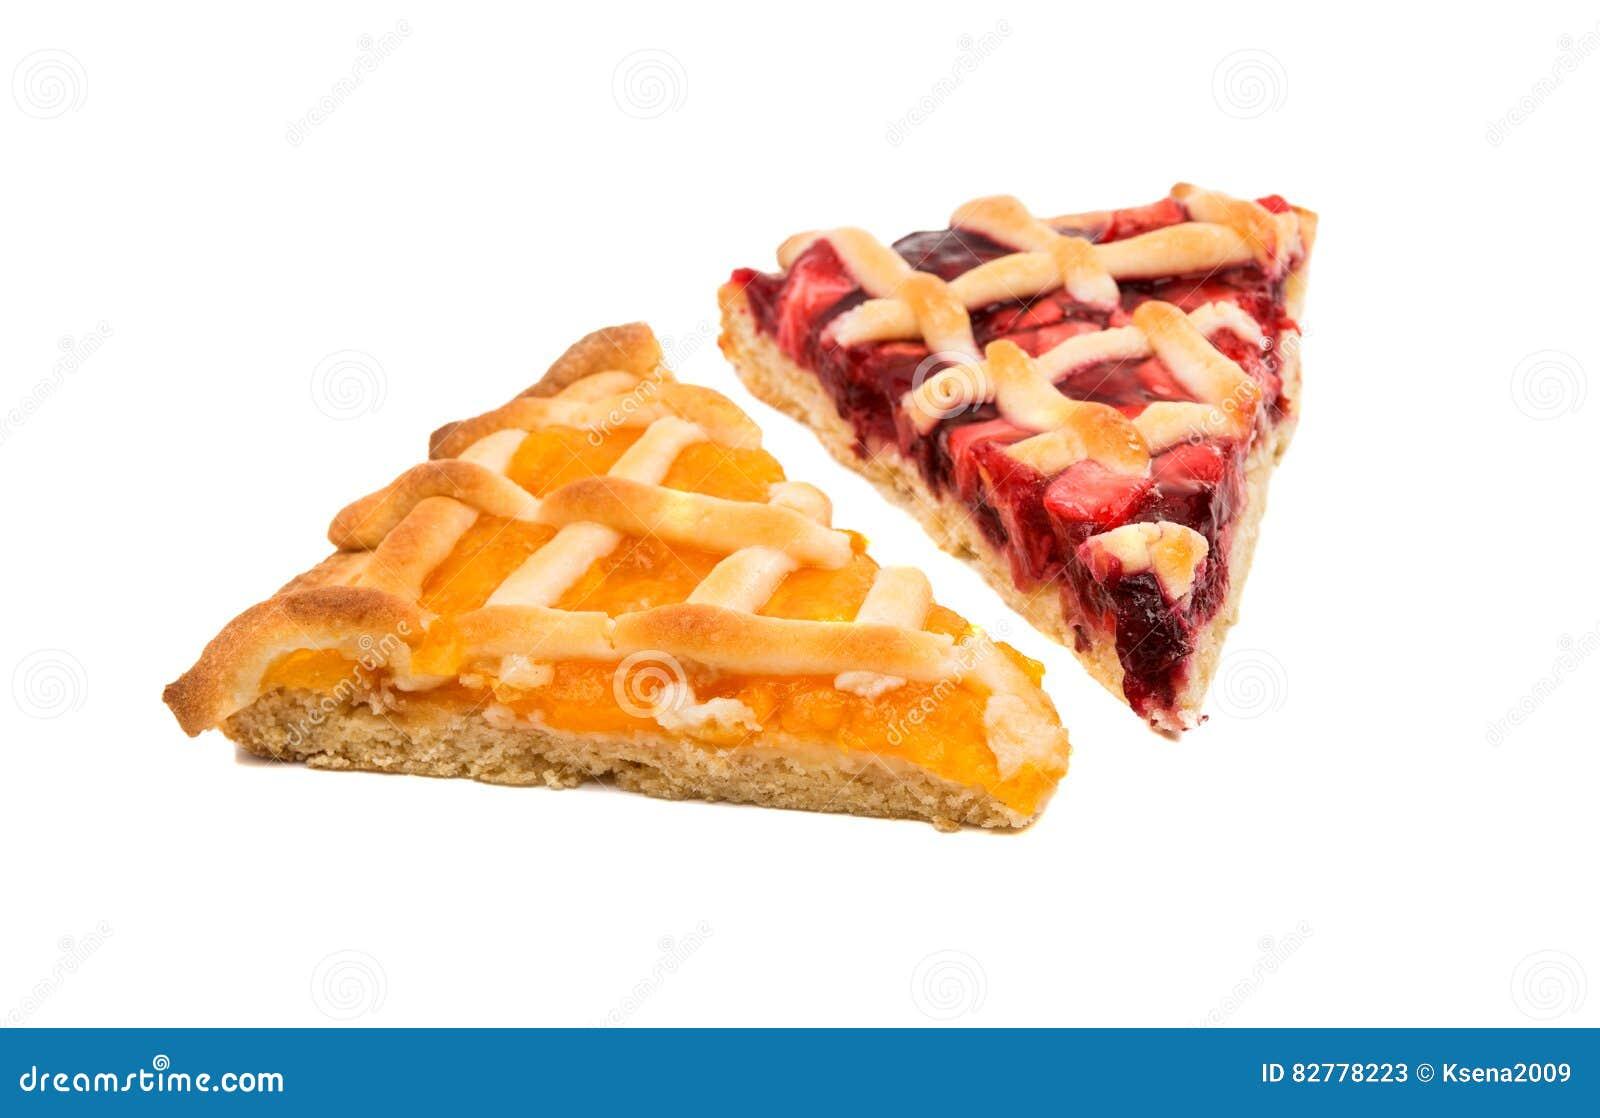 a piece of fruit pie